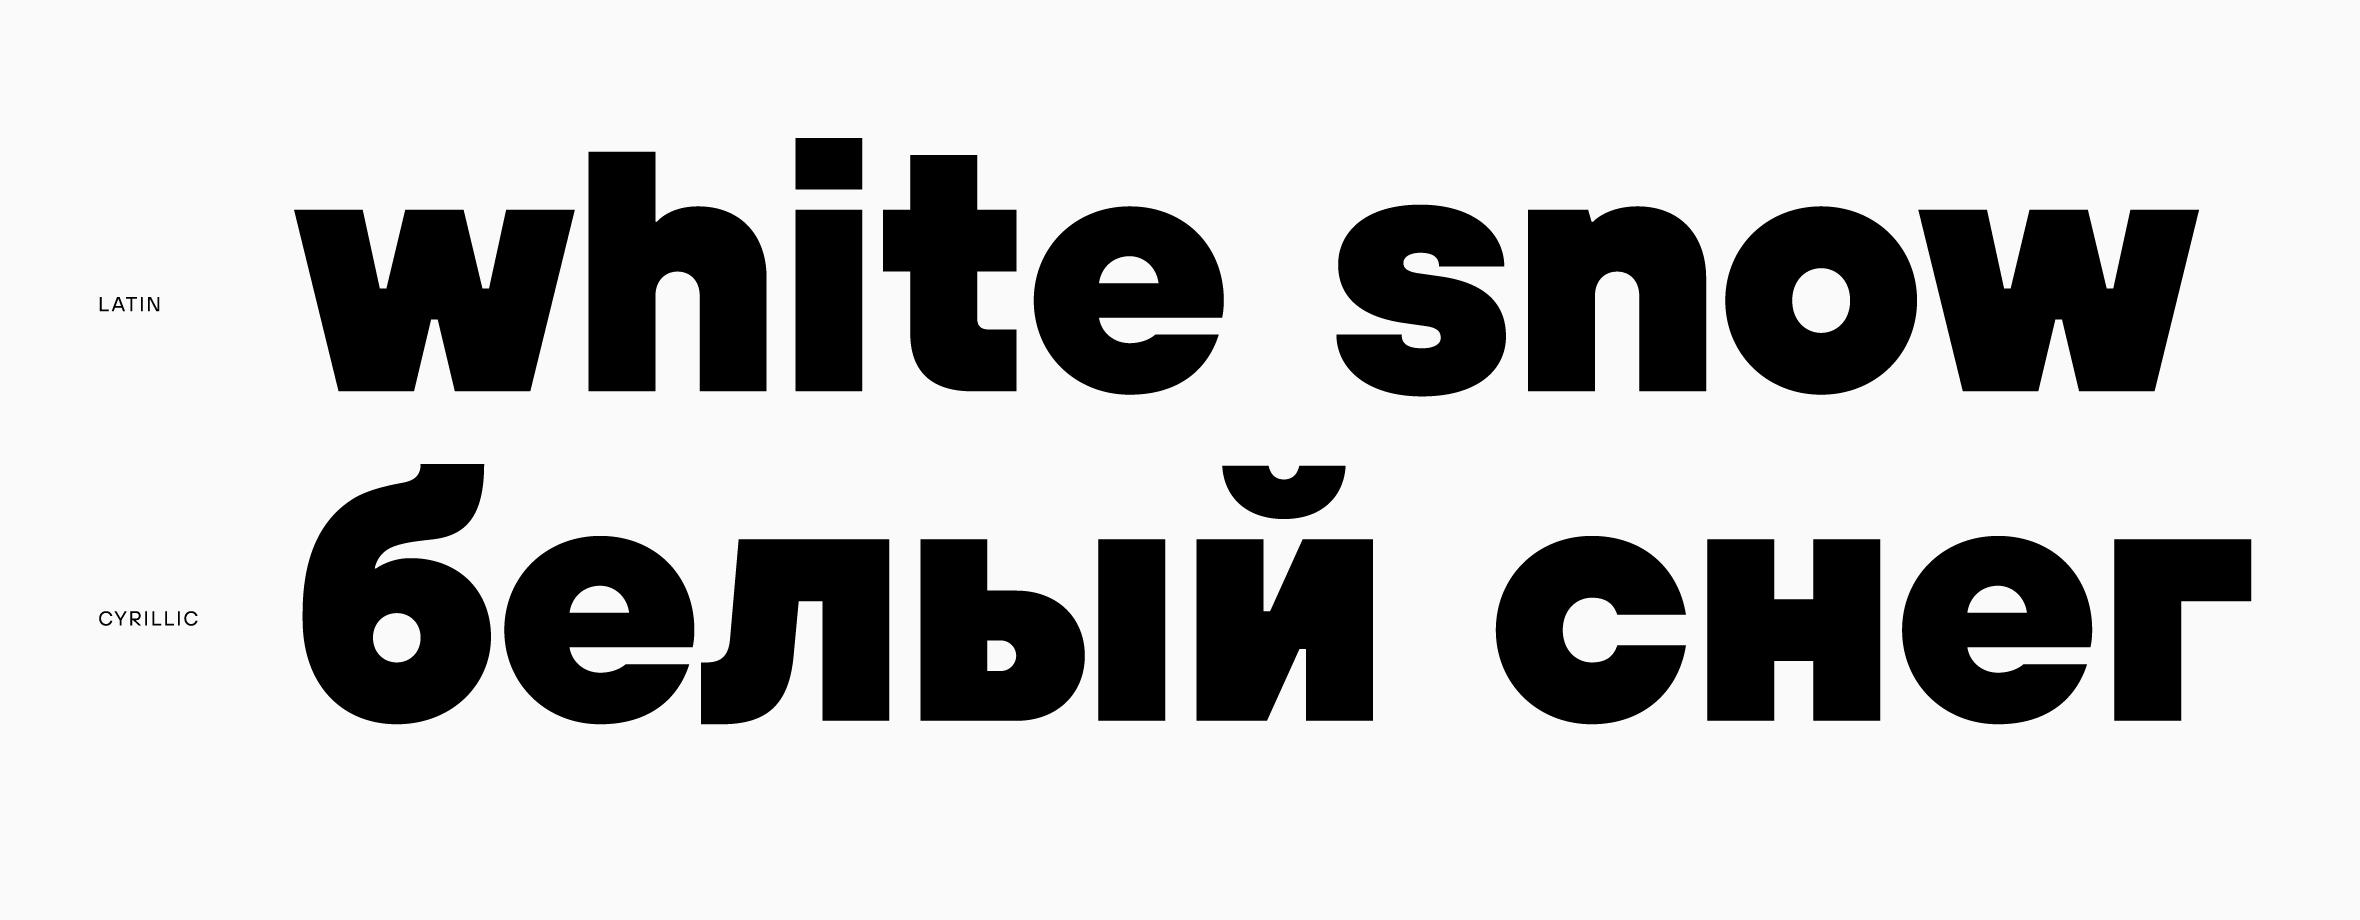 Cyrillization